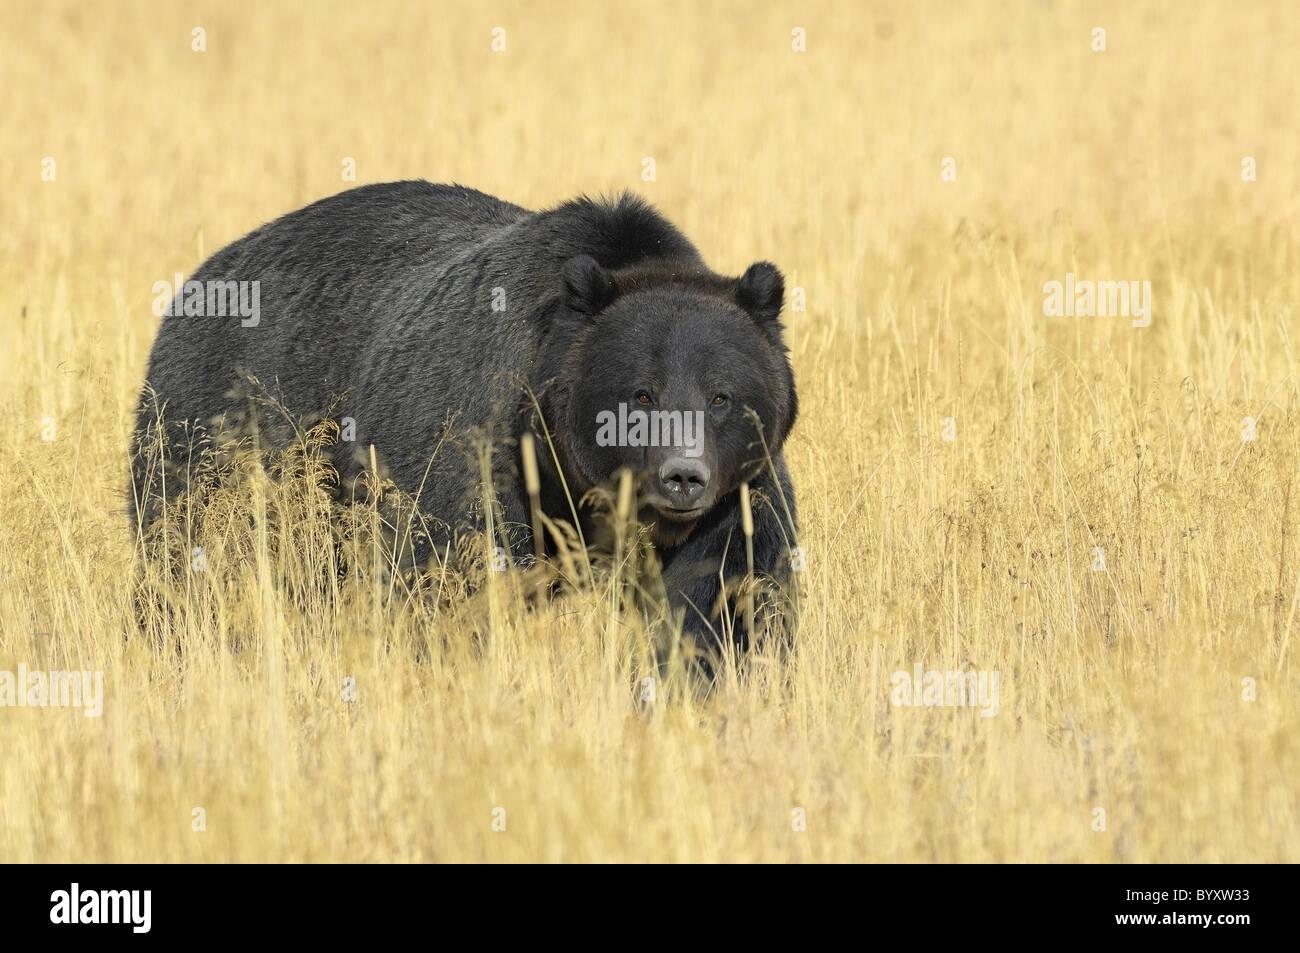 Schöne schwarze Grizzly Bear in der hohen goldenen Gräsern des Herbstes im Yellowstone National Park. Stockbild